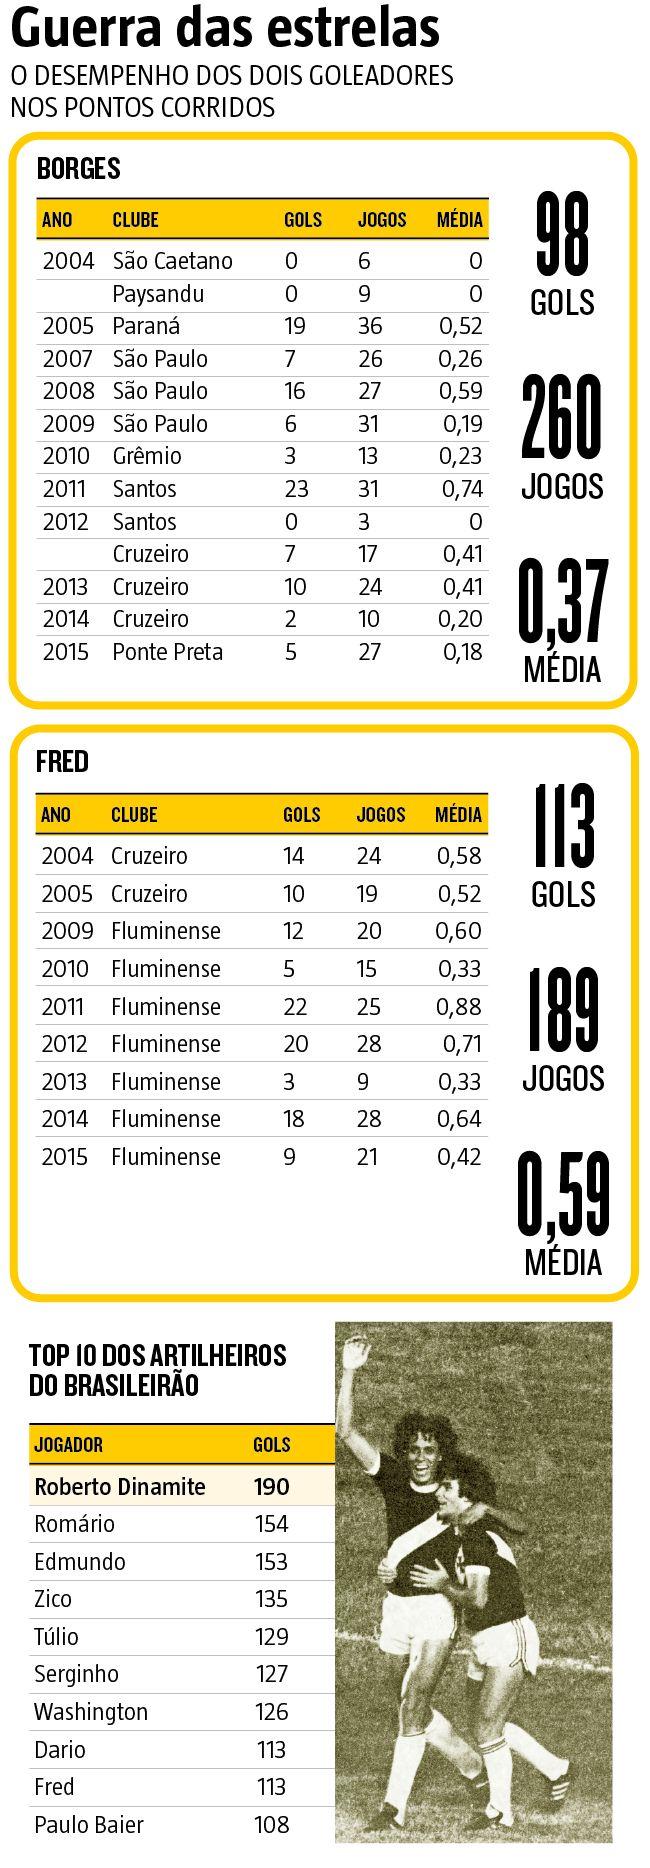 'Duelo' entre os artilheiros Borges e Fred é a atração de América x Fluminense (15/05/2016) #Borges #Fred #América #Fluminense #Infográfico #Infografia #HojeEmDia